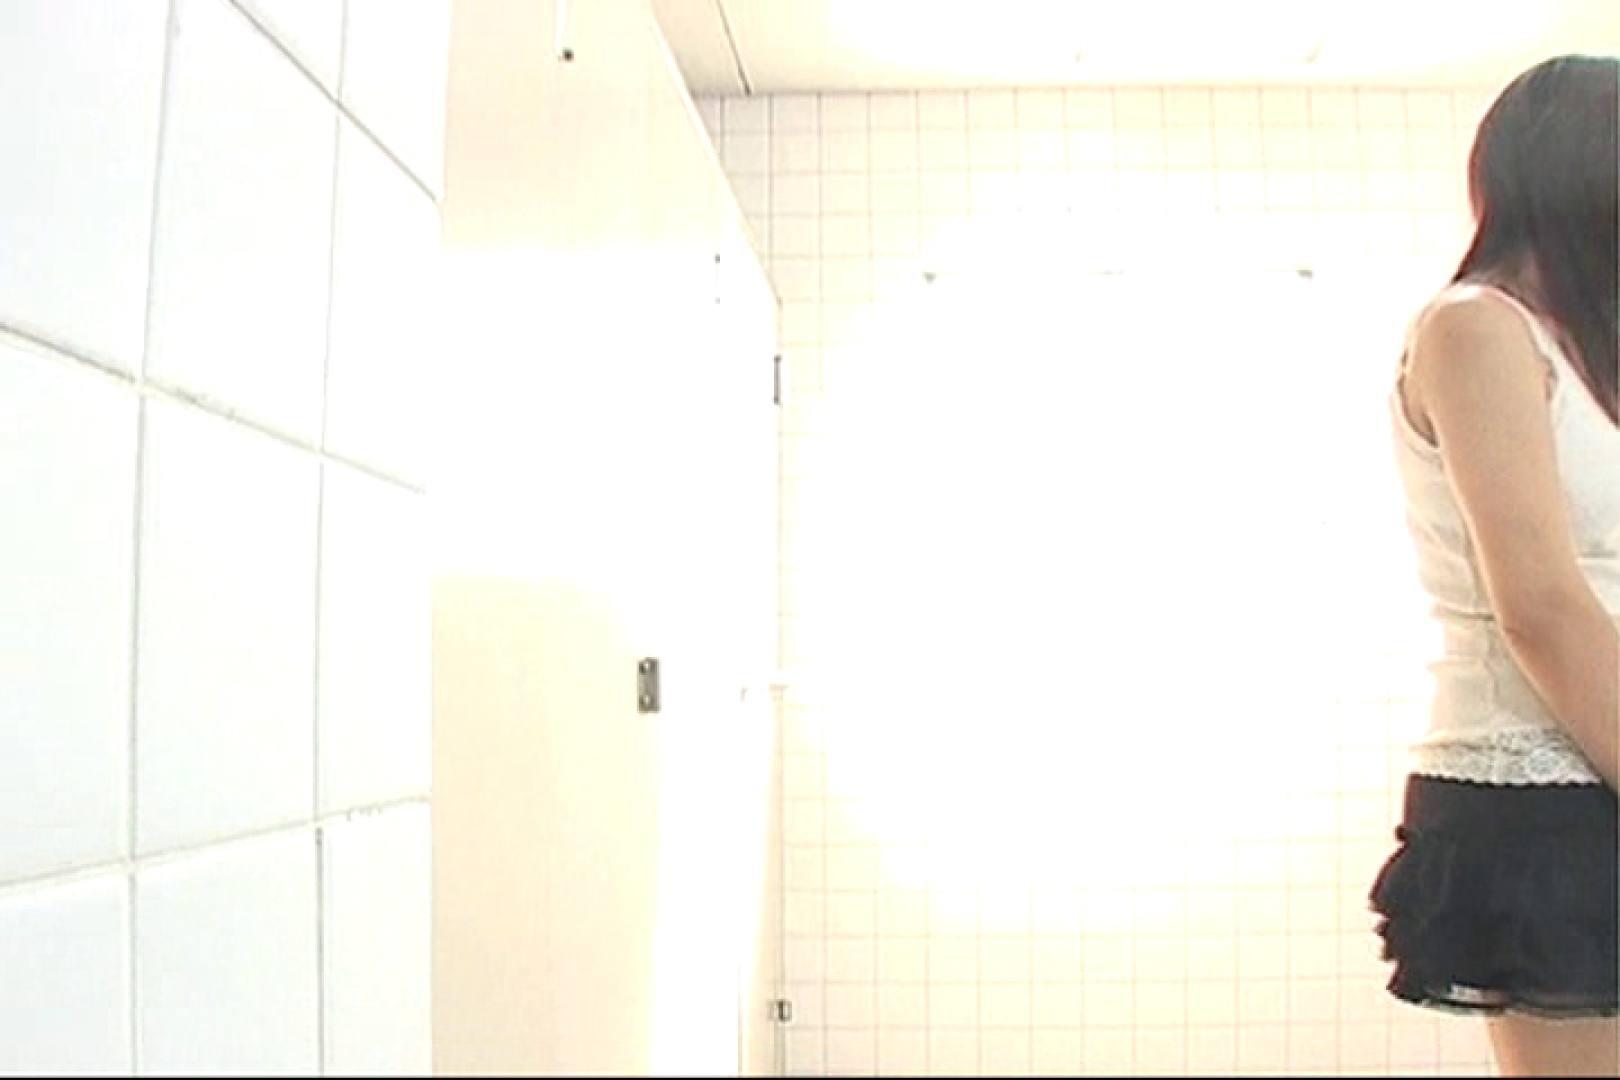 雑居ビル洗面所只今使用禁止中!Vol.3 ギャルのエロ動画 エロ無料画像 81画像 23